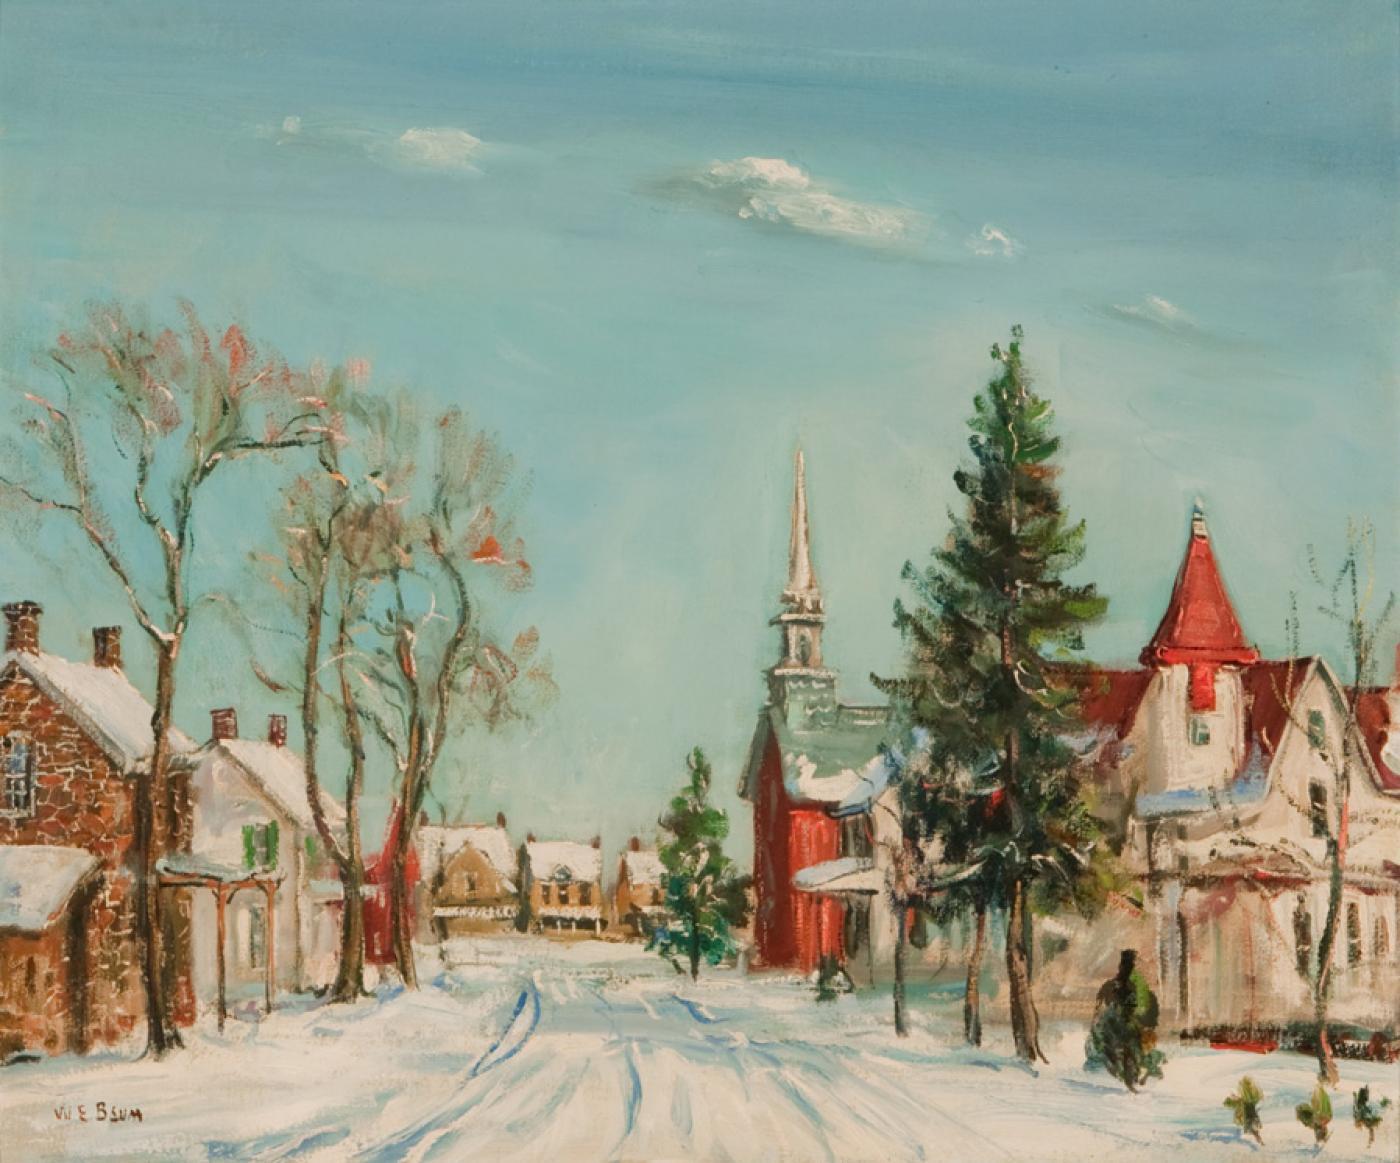 walter emerson baum snow covered village